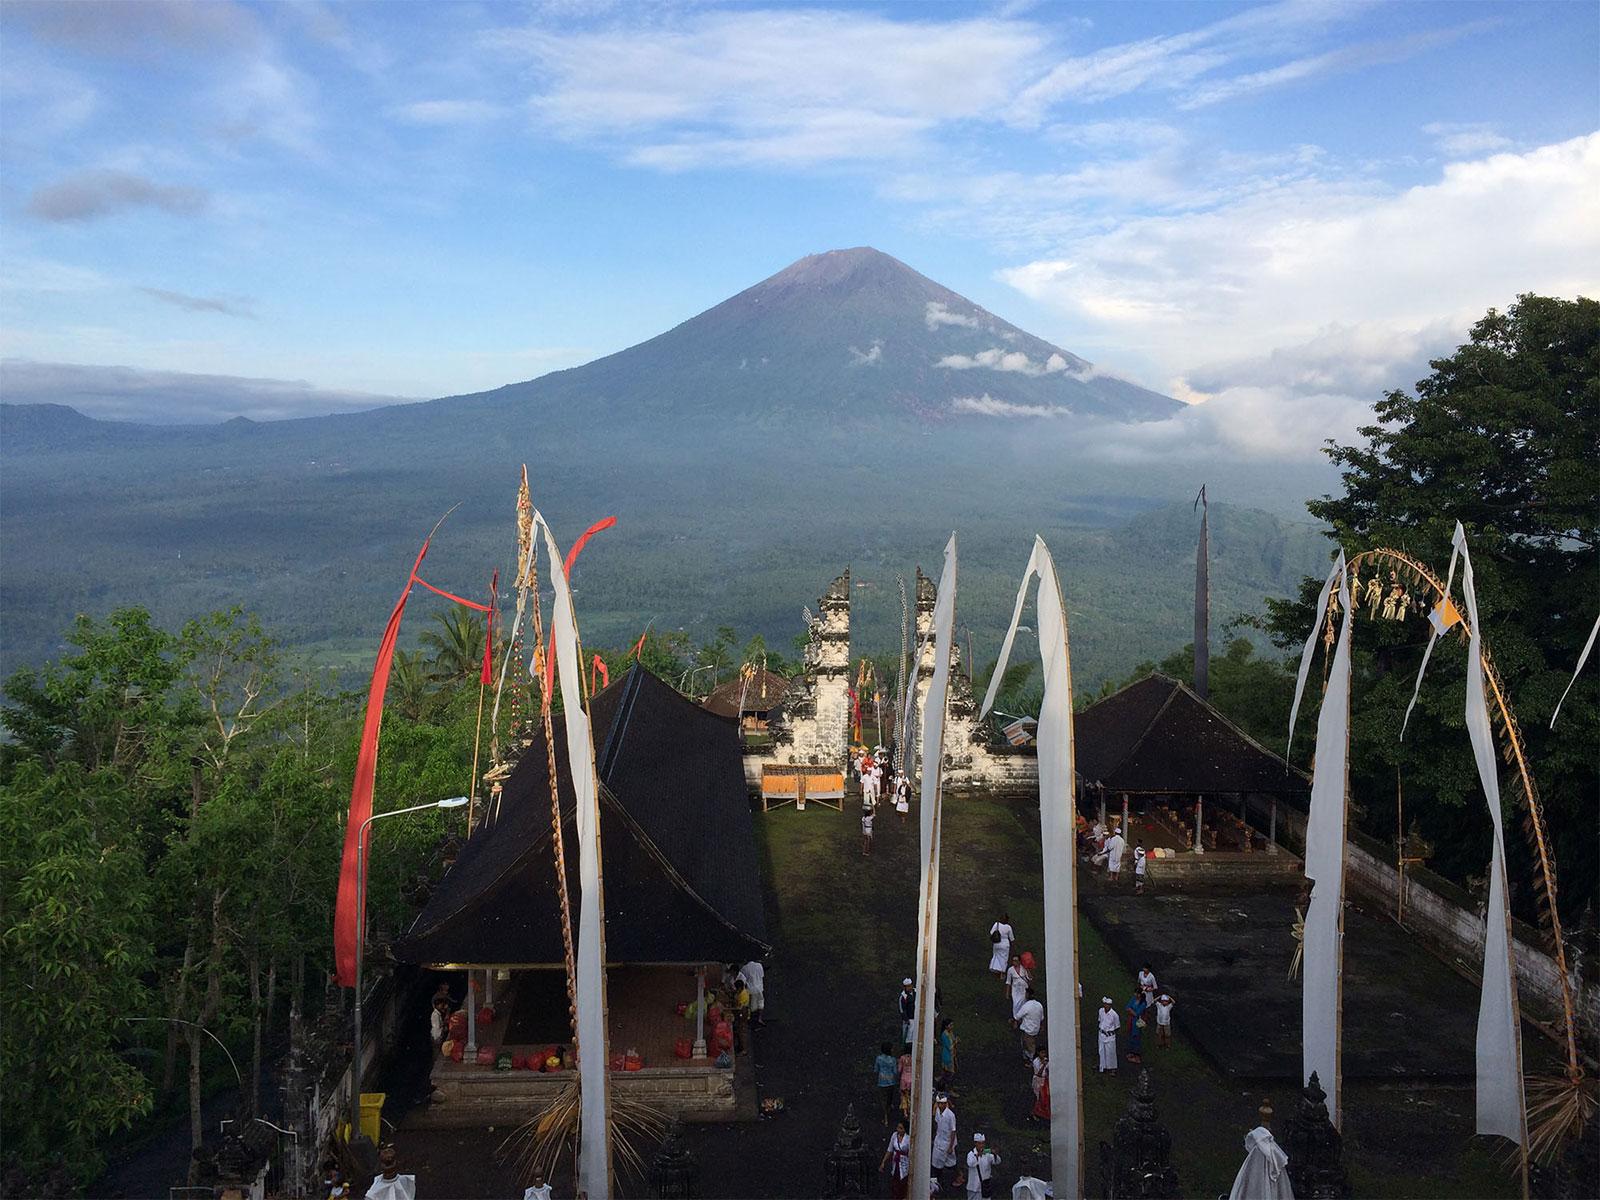 ランプヤン寺院本殿からの眺め